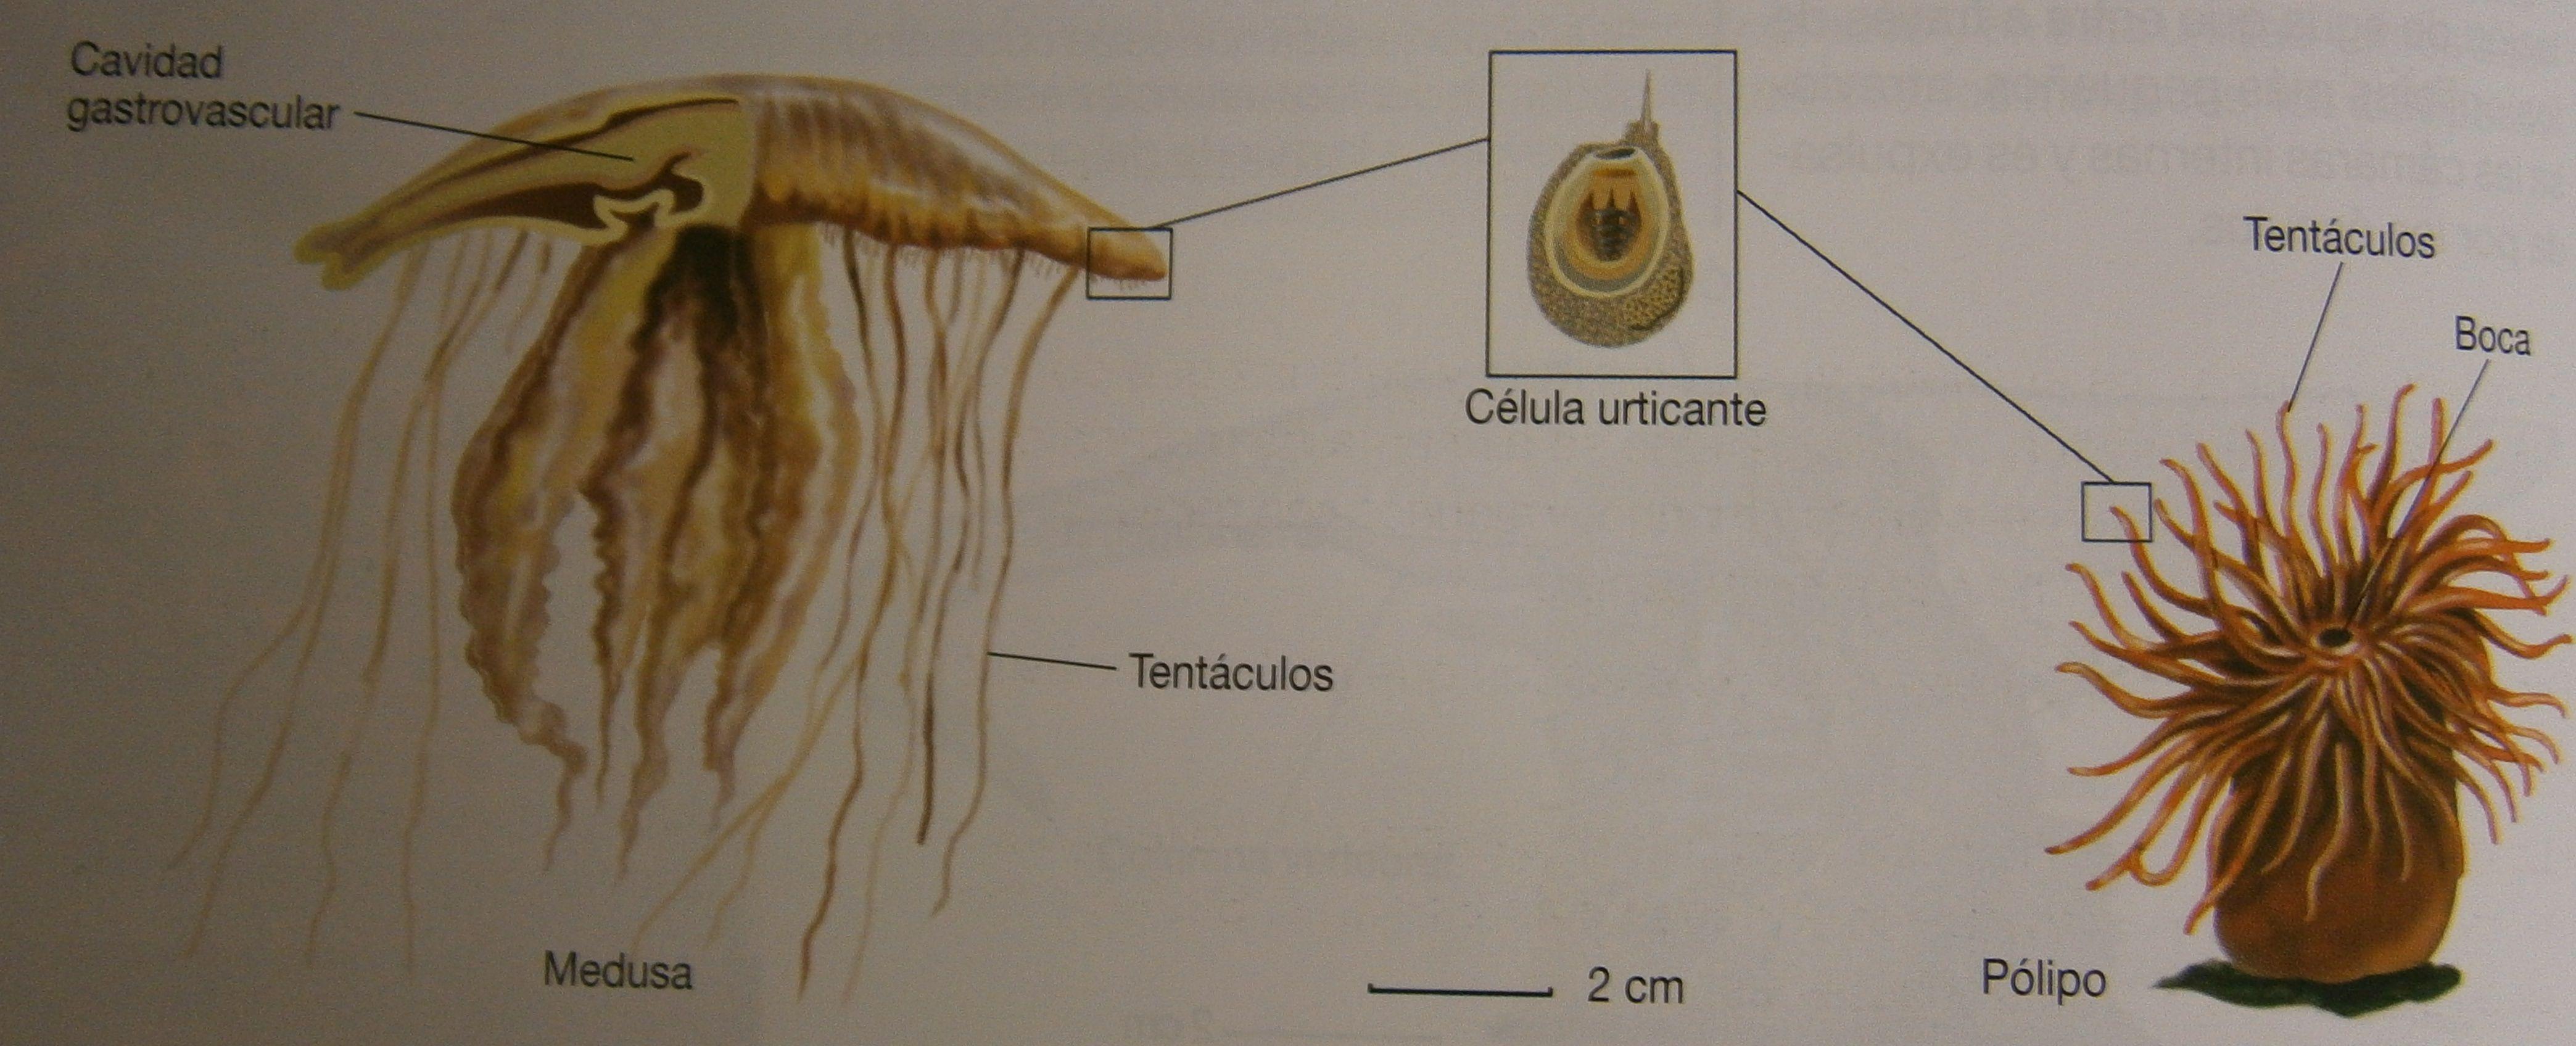 Los Cnidarios son un grupo de invertebrados de vida marina provistos de células urticantes. Los cnidarios presentan dos formas diferentes, denominadas medusas y pólipos. Estos cnidarios viven sobre una superficie y en algunos casos se agrupan diferentes individuos formando lo que en apariencia parece un único organismo, las colonias. #cnidarios